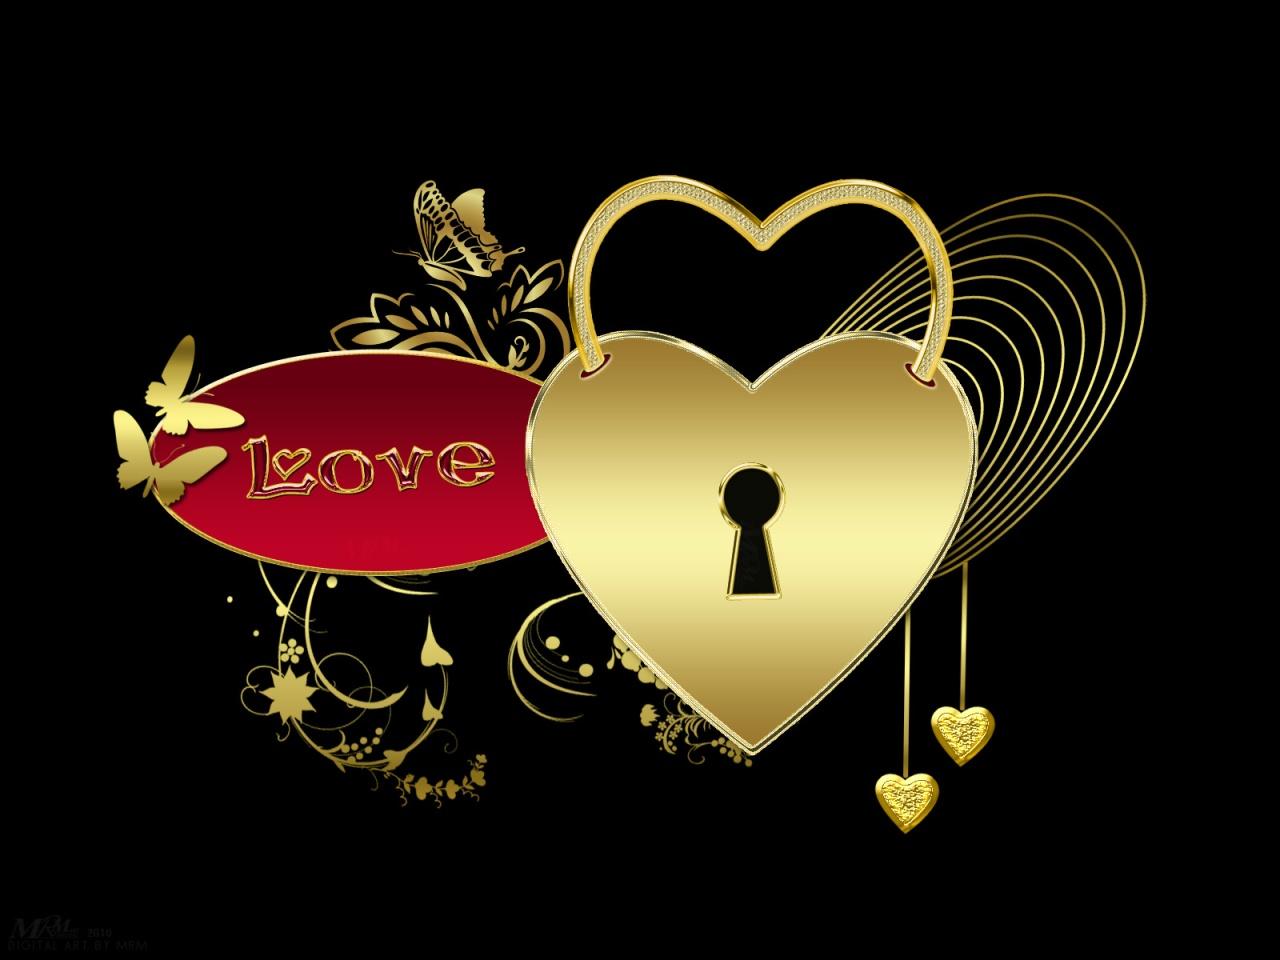 بالصور خلفيات قلوب للكمبيوتر , صور لاجمل قلوب علي الاب توب 3172 10